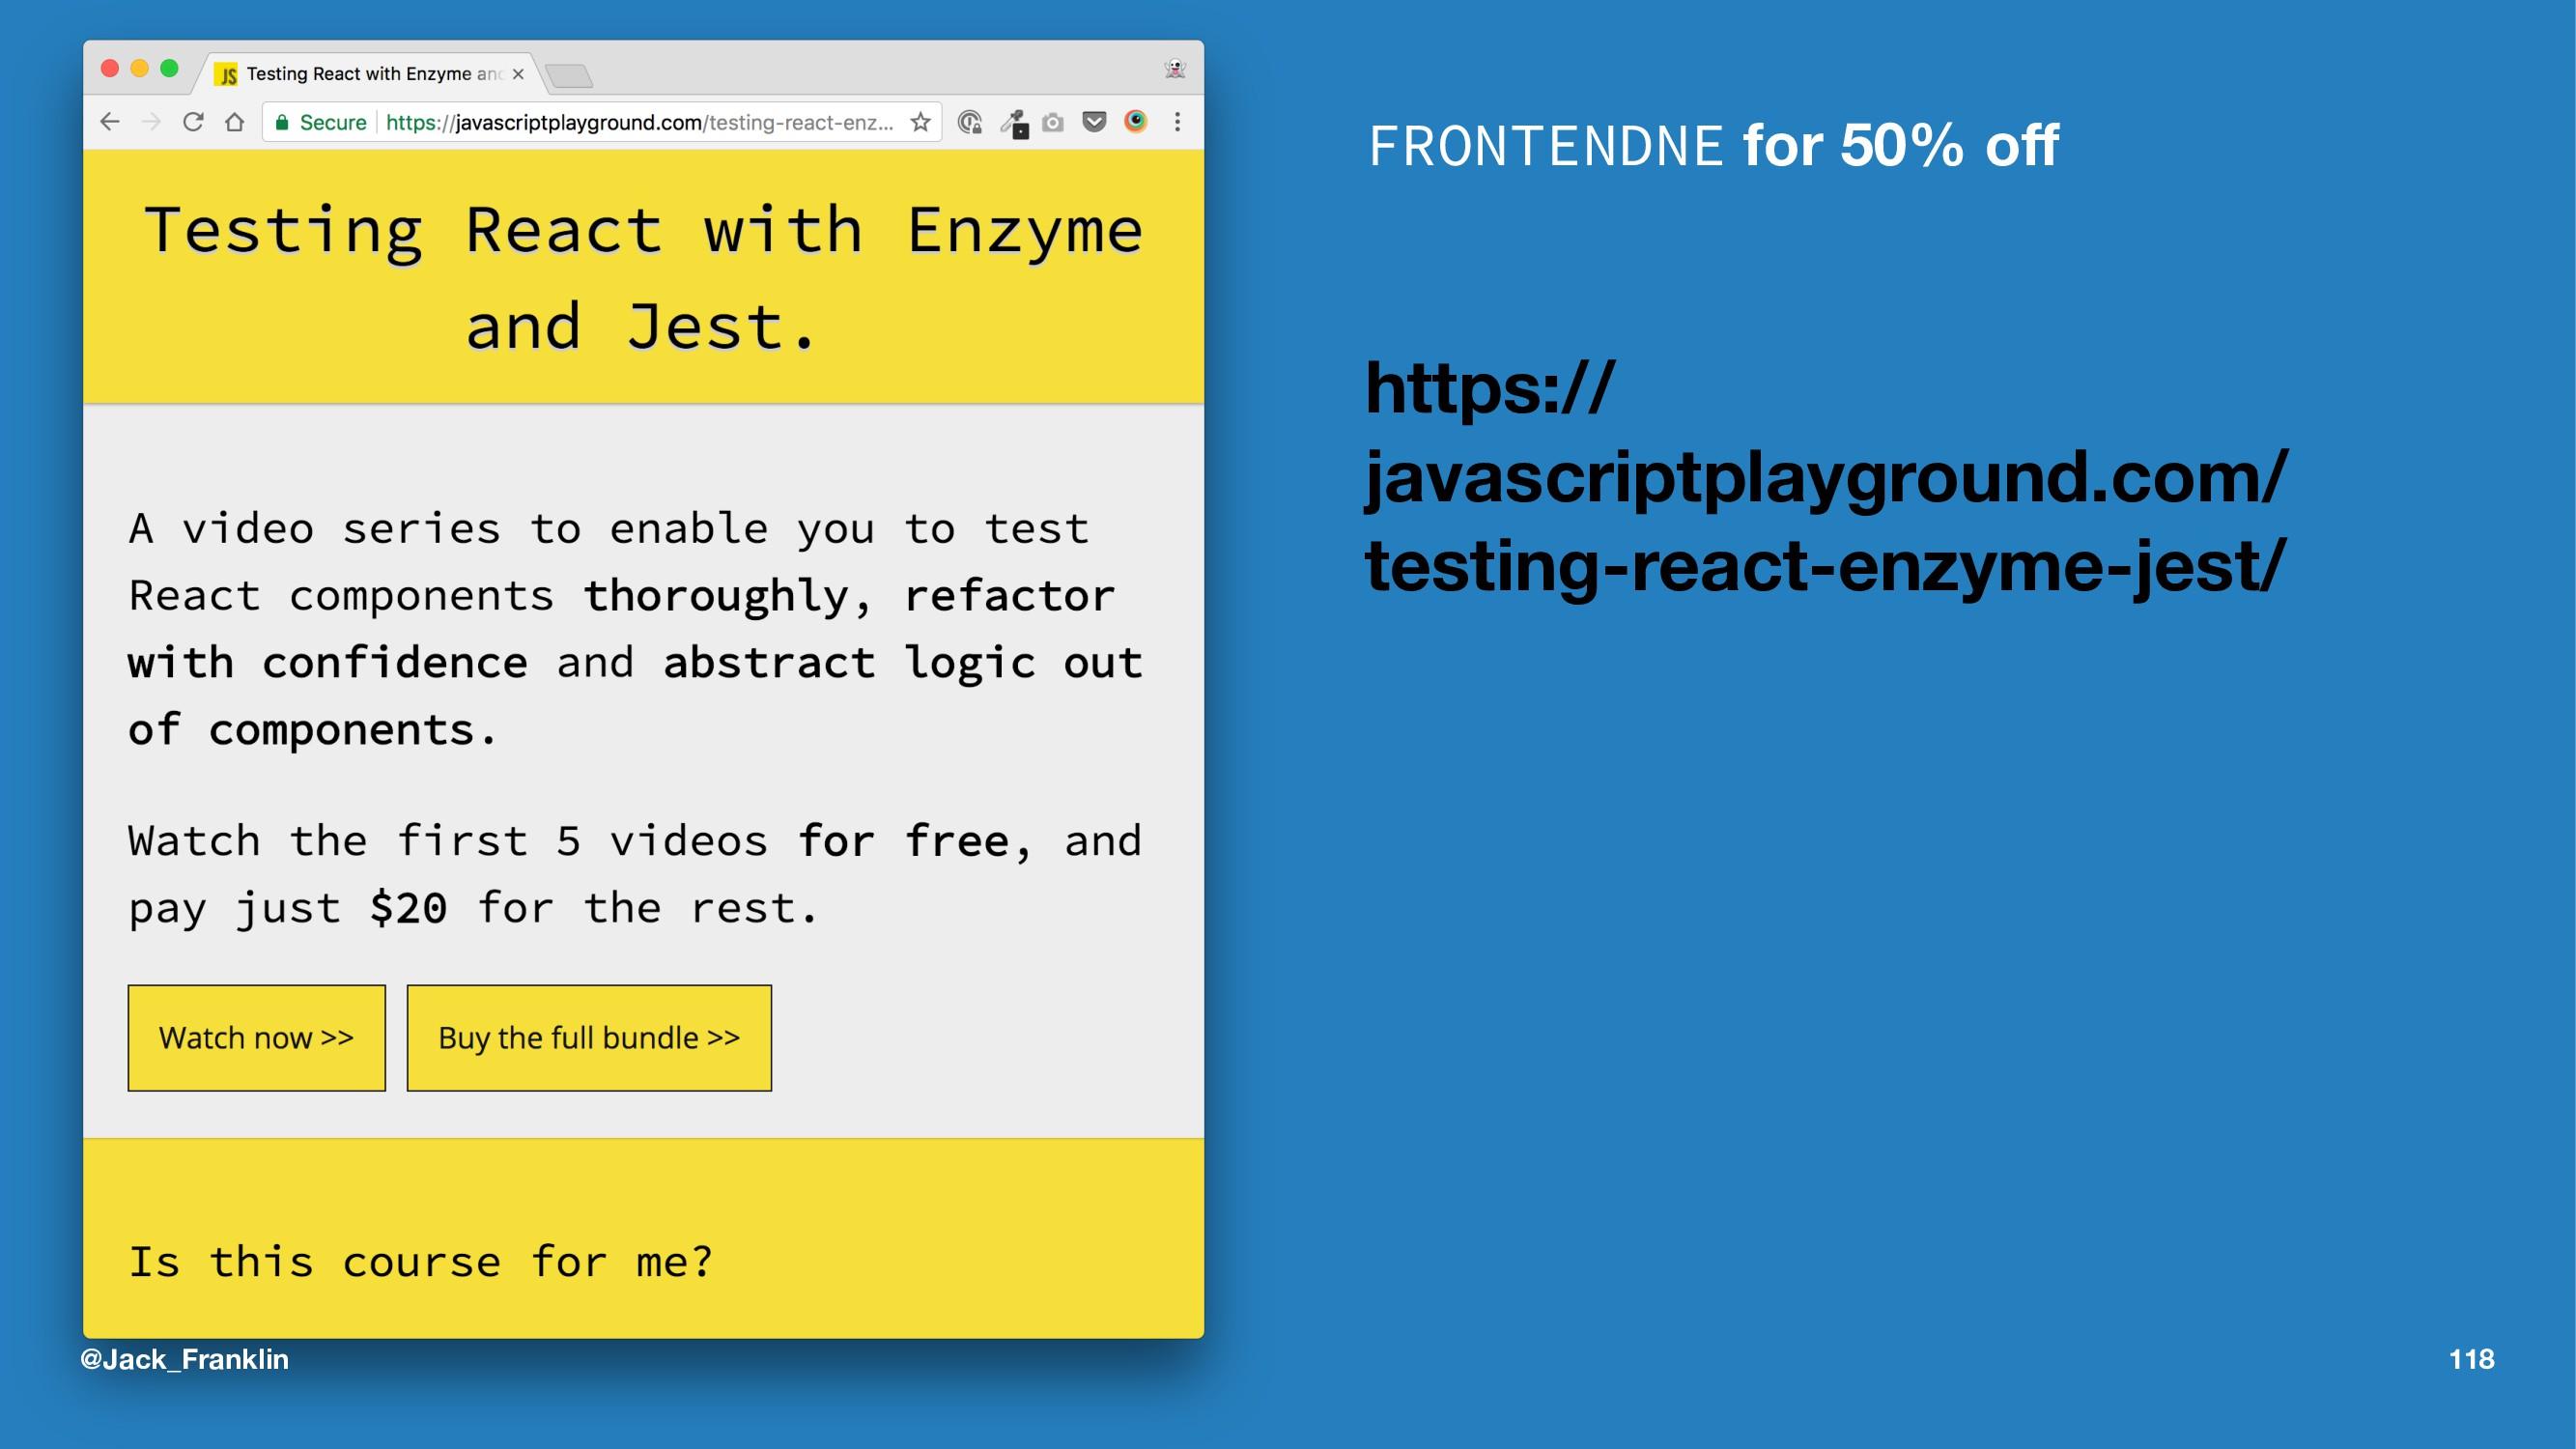 FRONTENDNE for 50% off https:// javascriptplaygr...